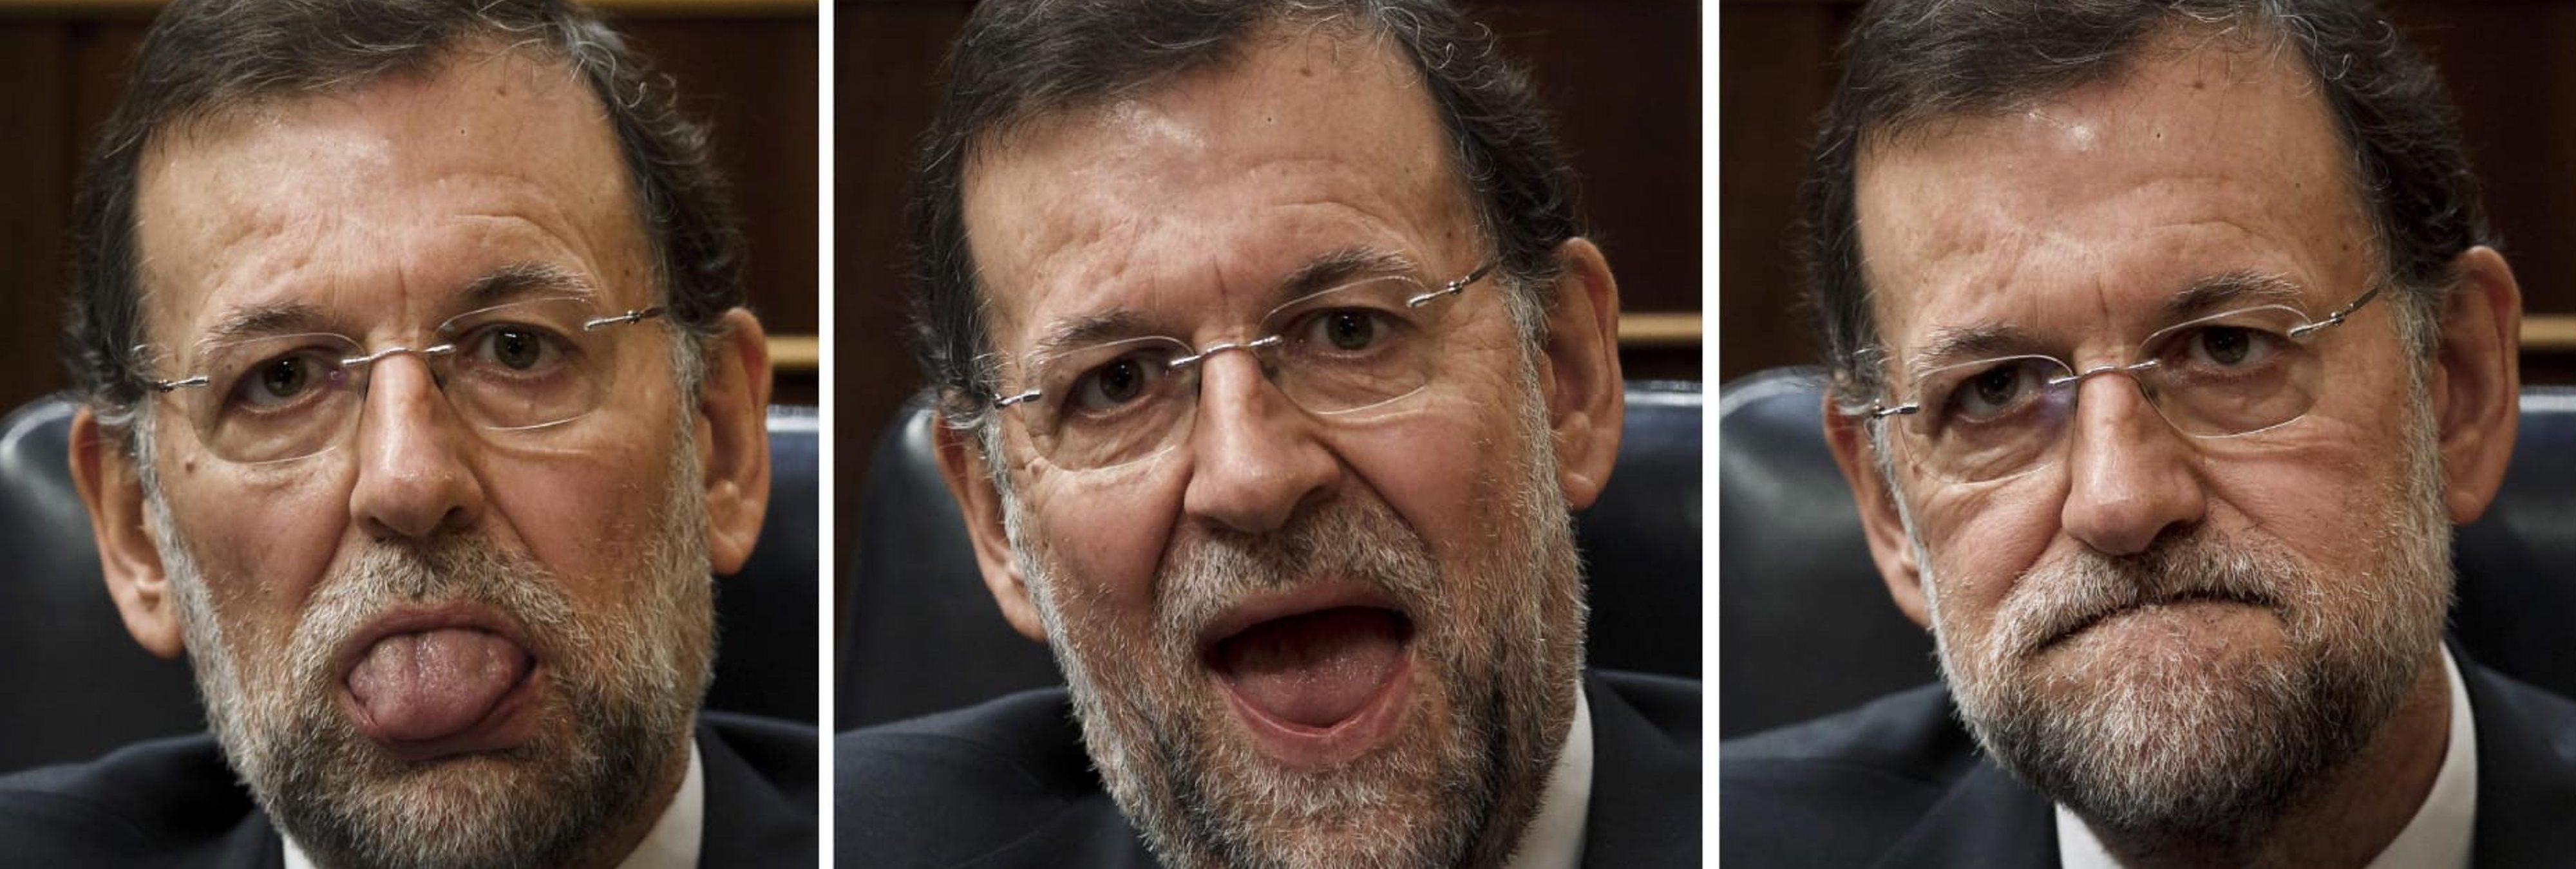 122.000 millones de euros: el coste por corrupción del PP en España